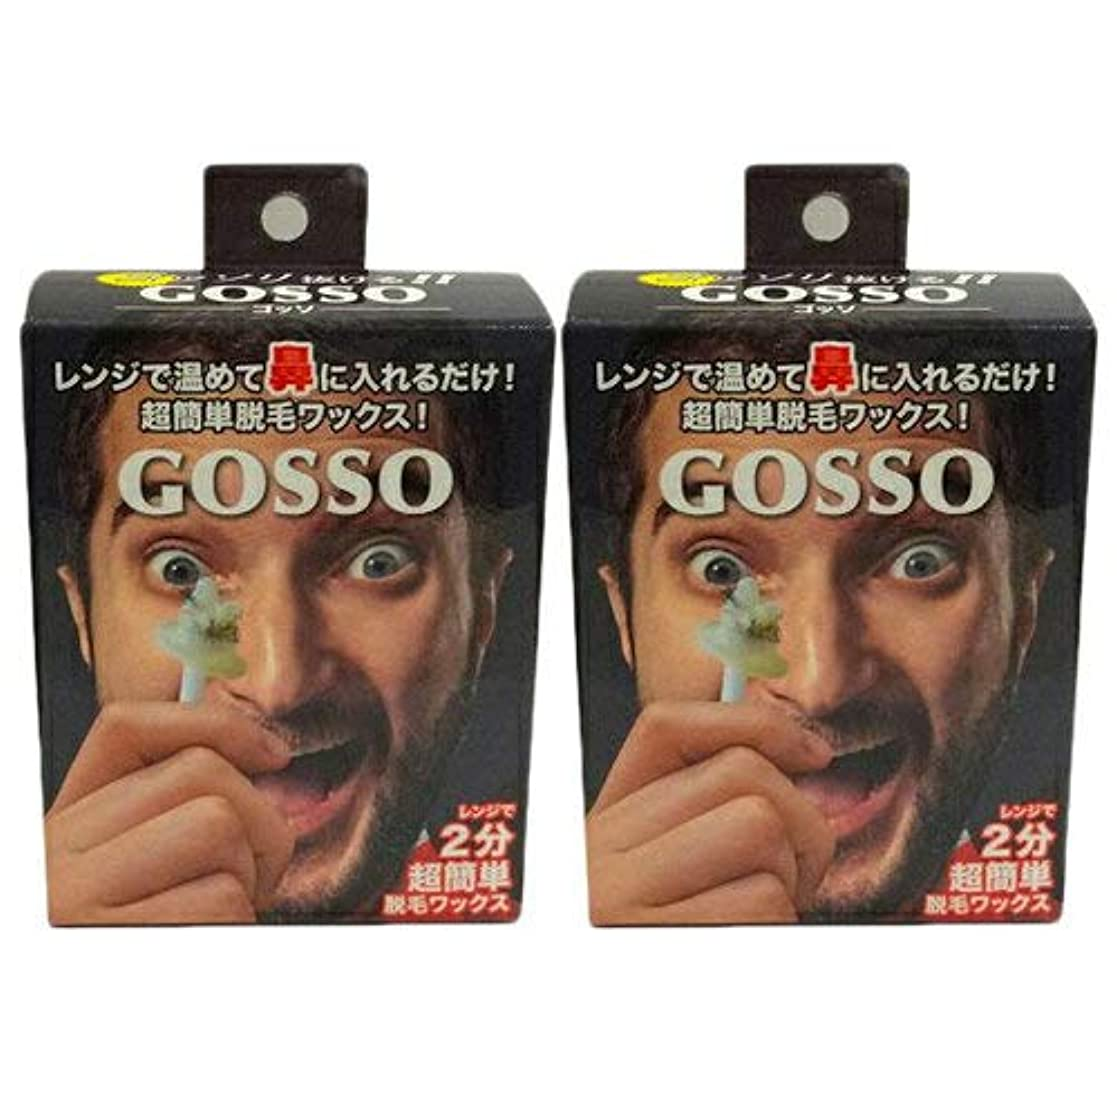 媒染剤ビジュアルスリチンモイGOSSO  2箱セット